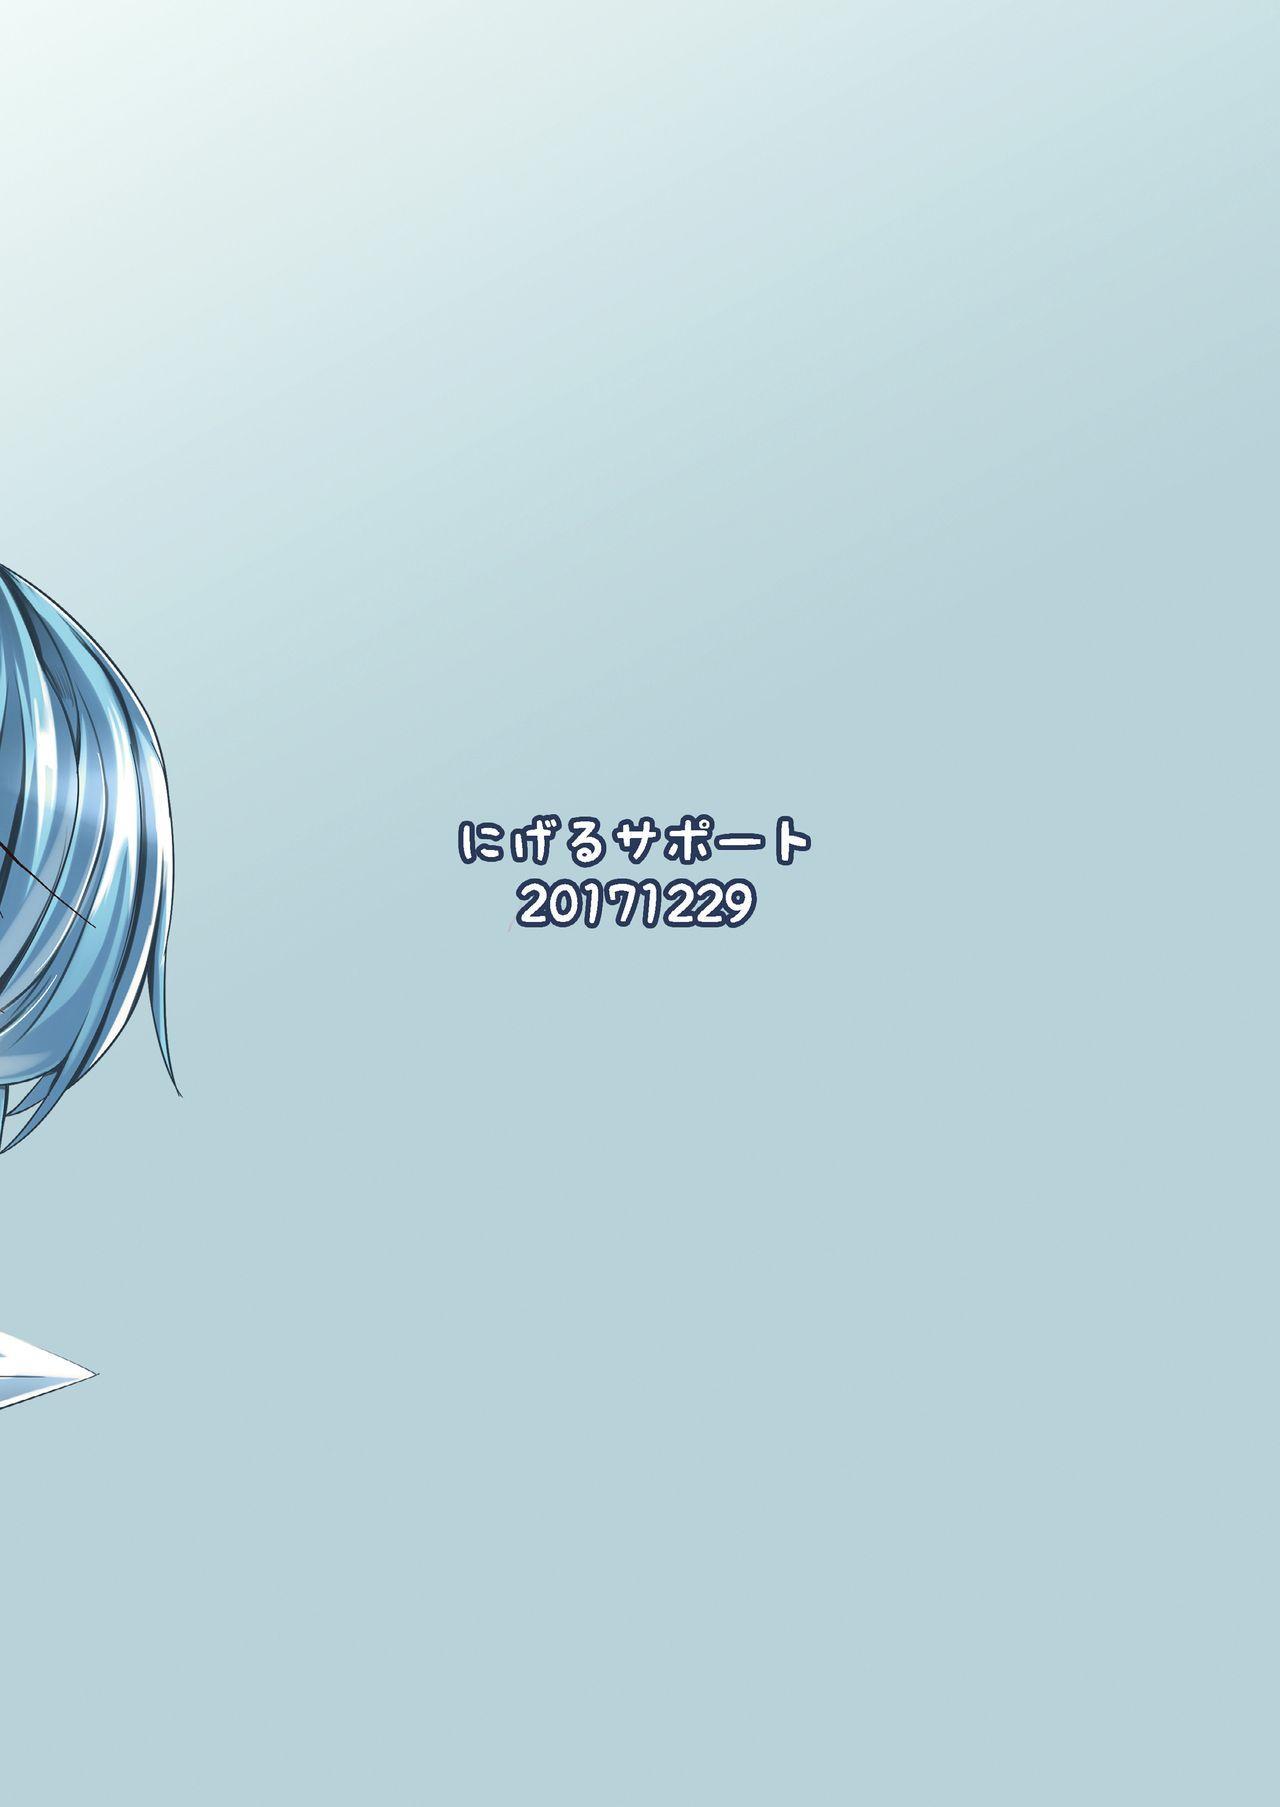 Dai-one Cir Shota 19